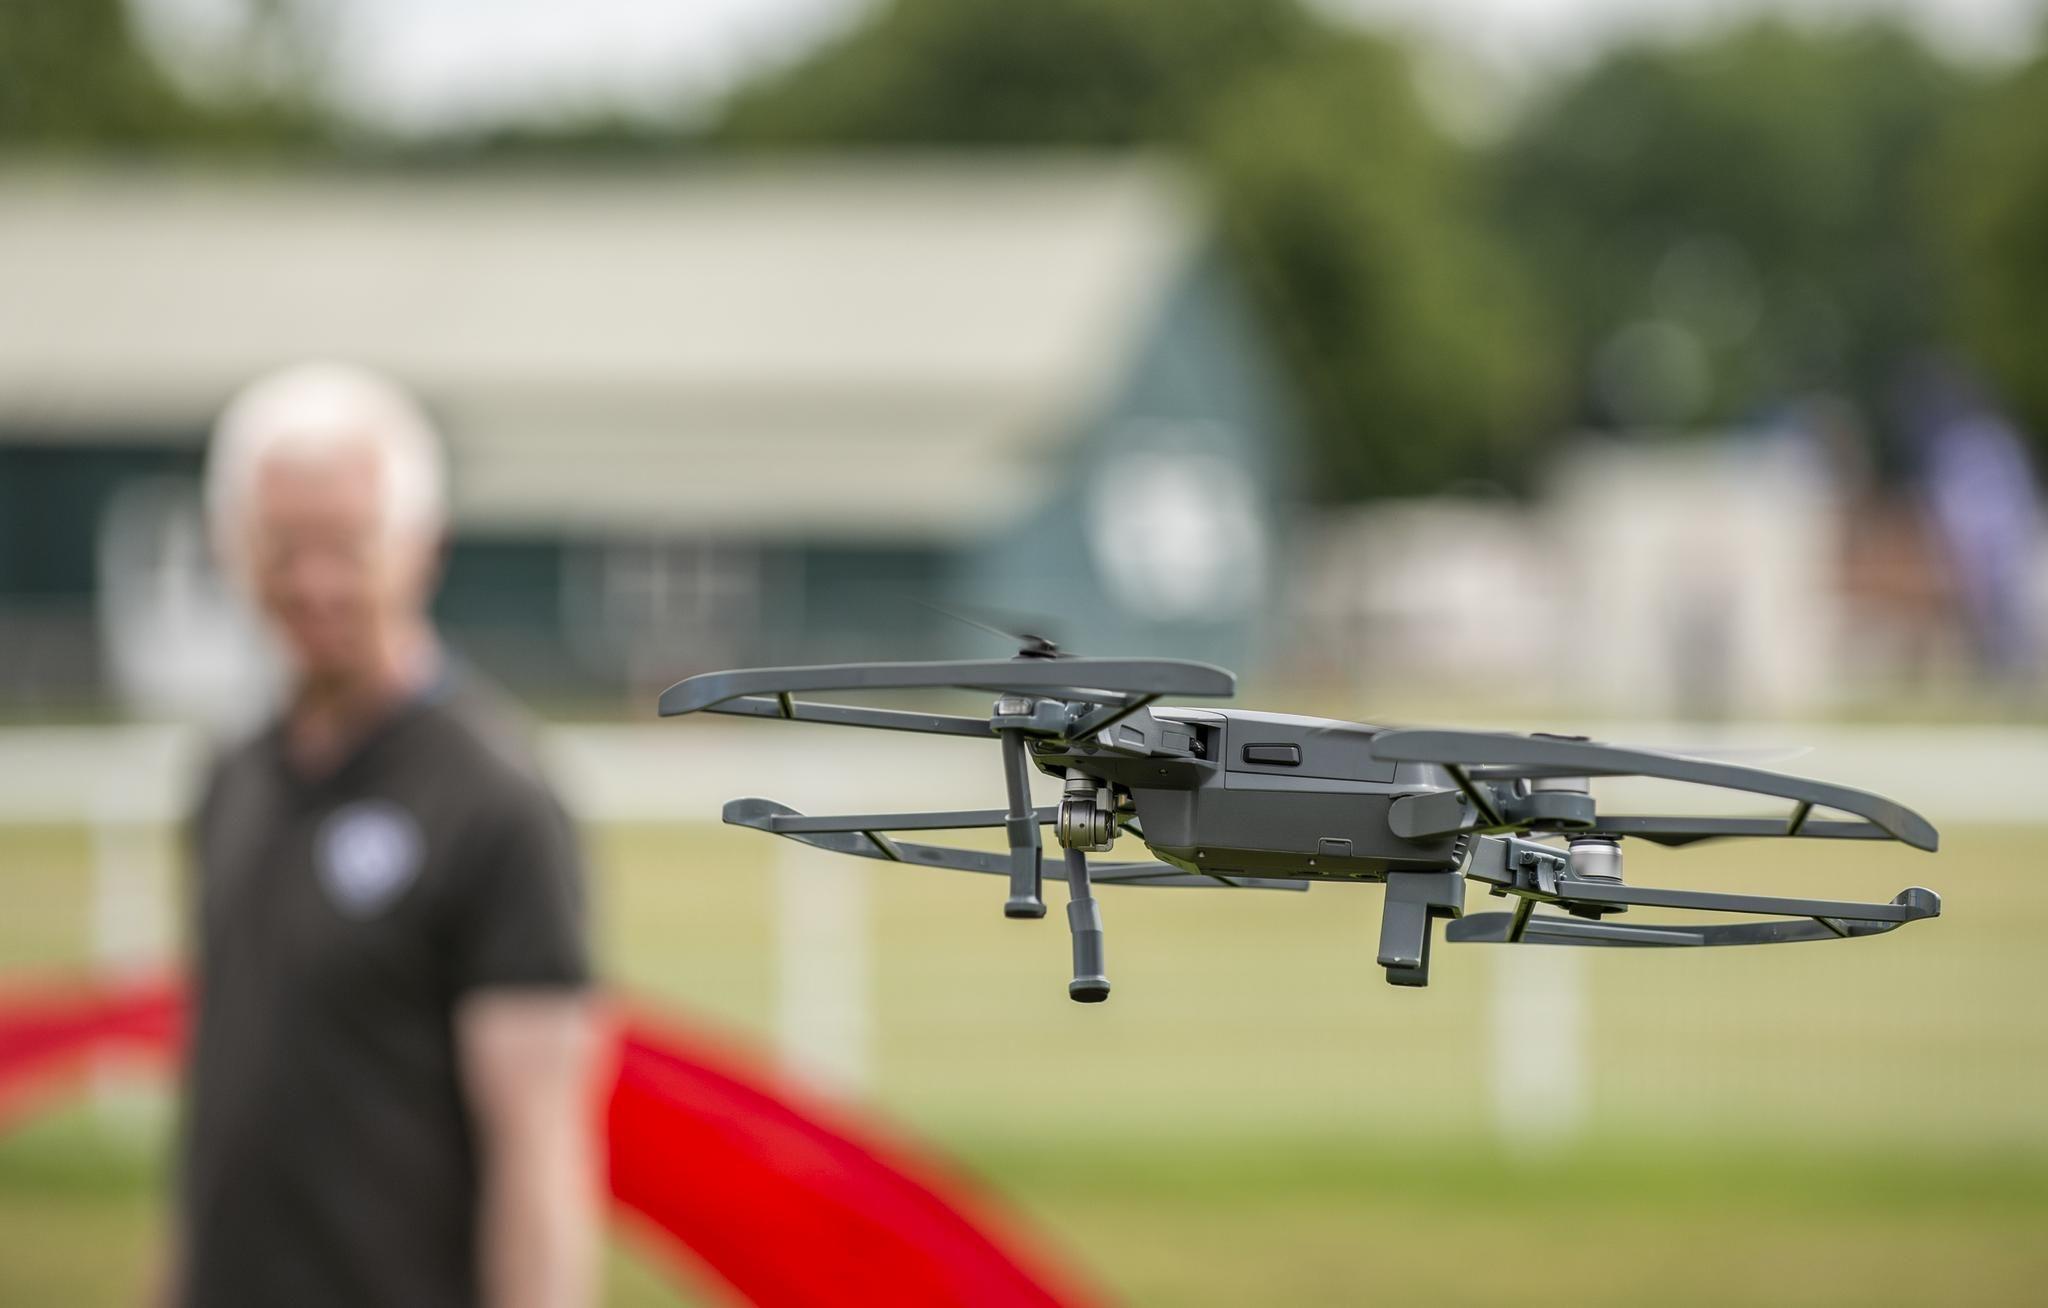 3CDSE Drone flying